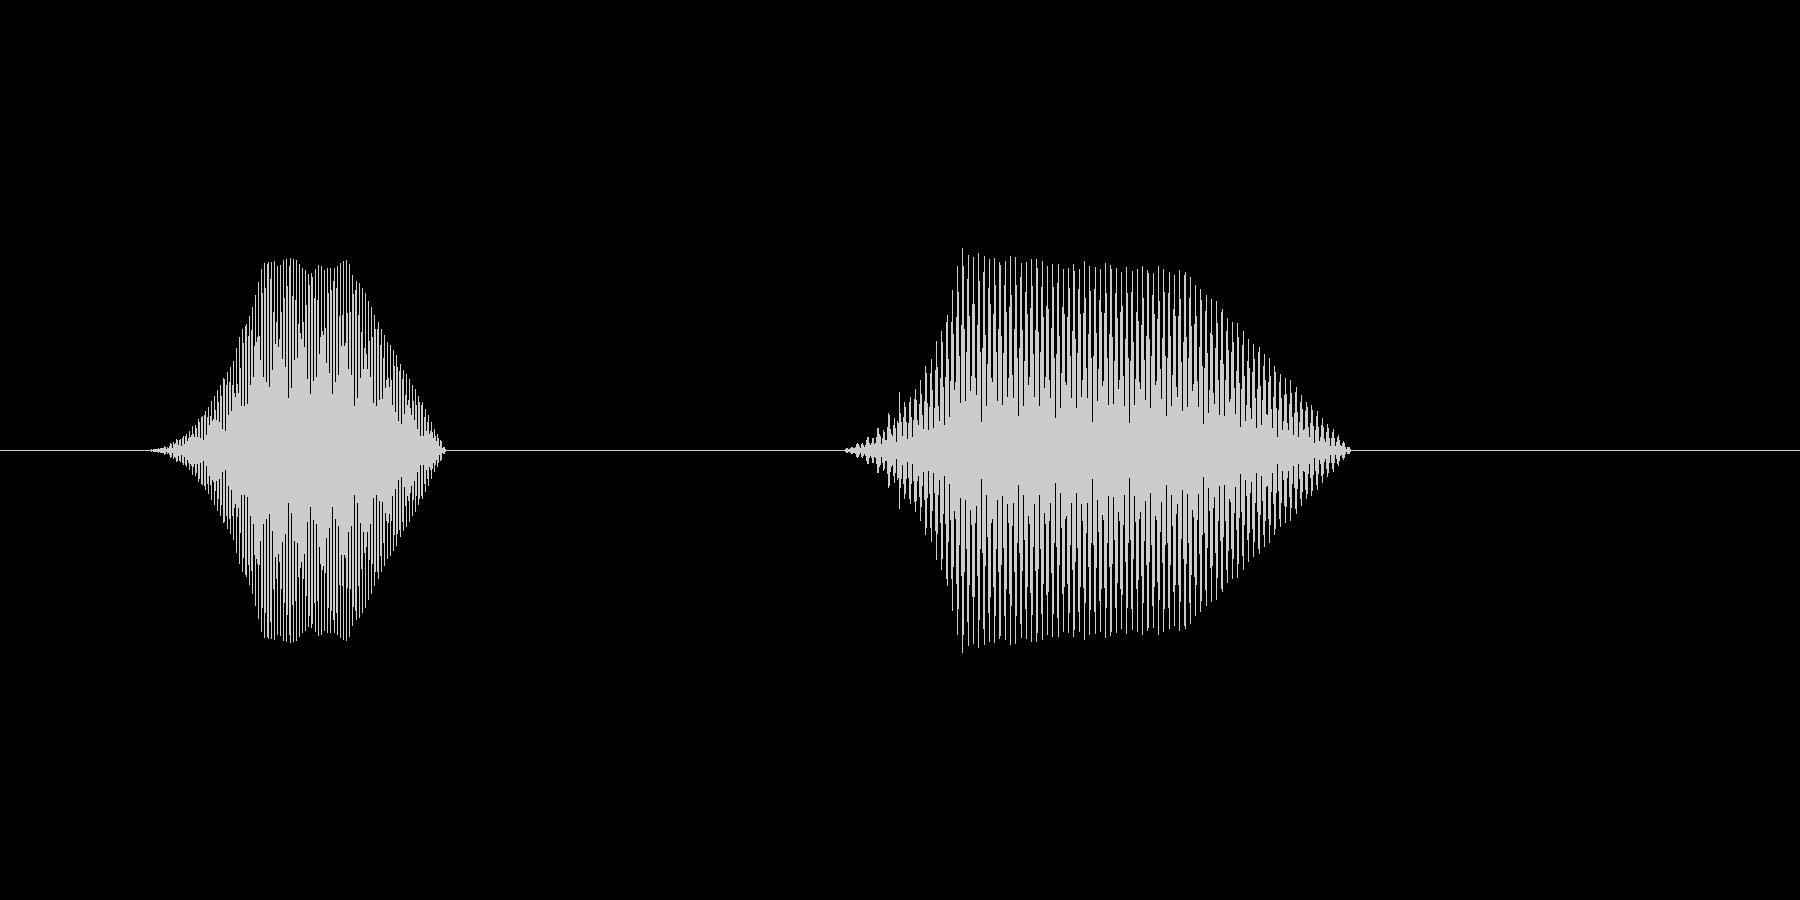 ファミコン風効果音 キャンセル系 17の未再生の波形